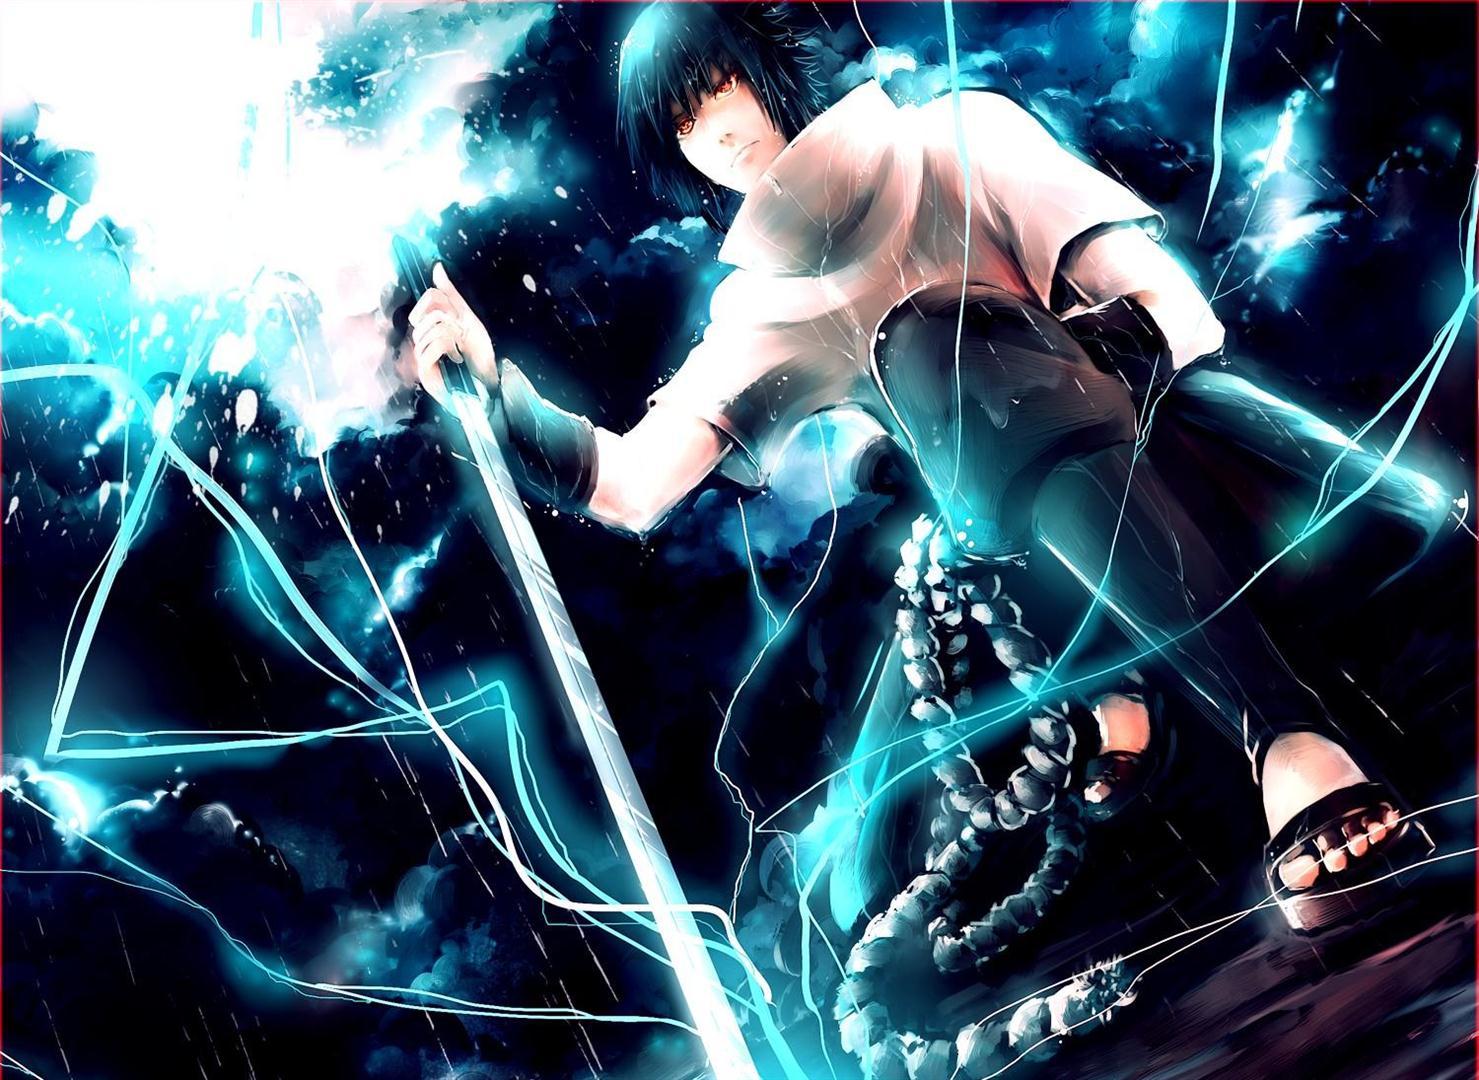 Sasuke Wallpaper HD Awesome Uchiha Sasuke Chidori Skill HD Wallpaper 1479x1080